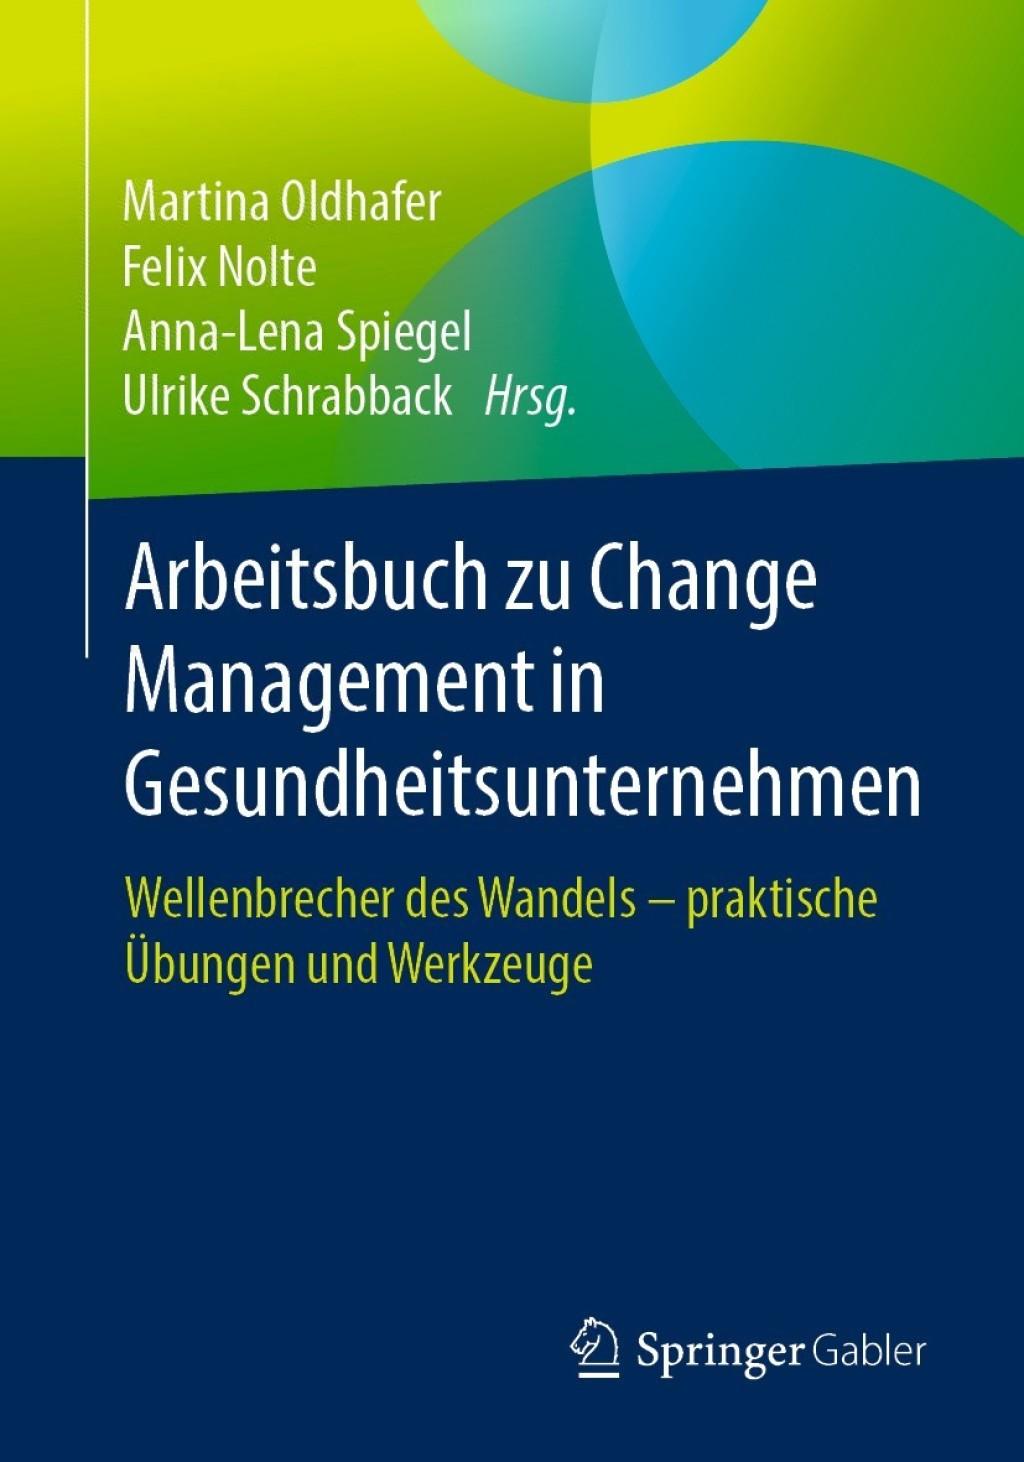 Arbeitsbuch zu Change Management in Gesundheitsunternehmen (eBook) - Martina Oldhafer